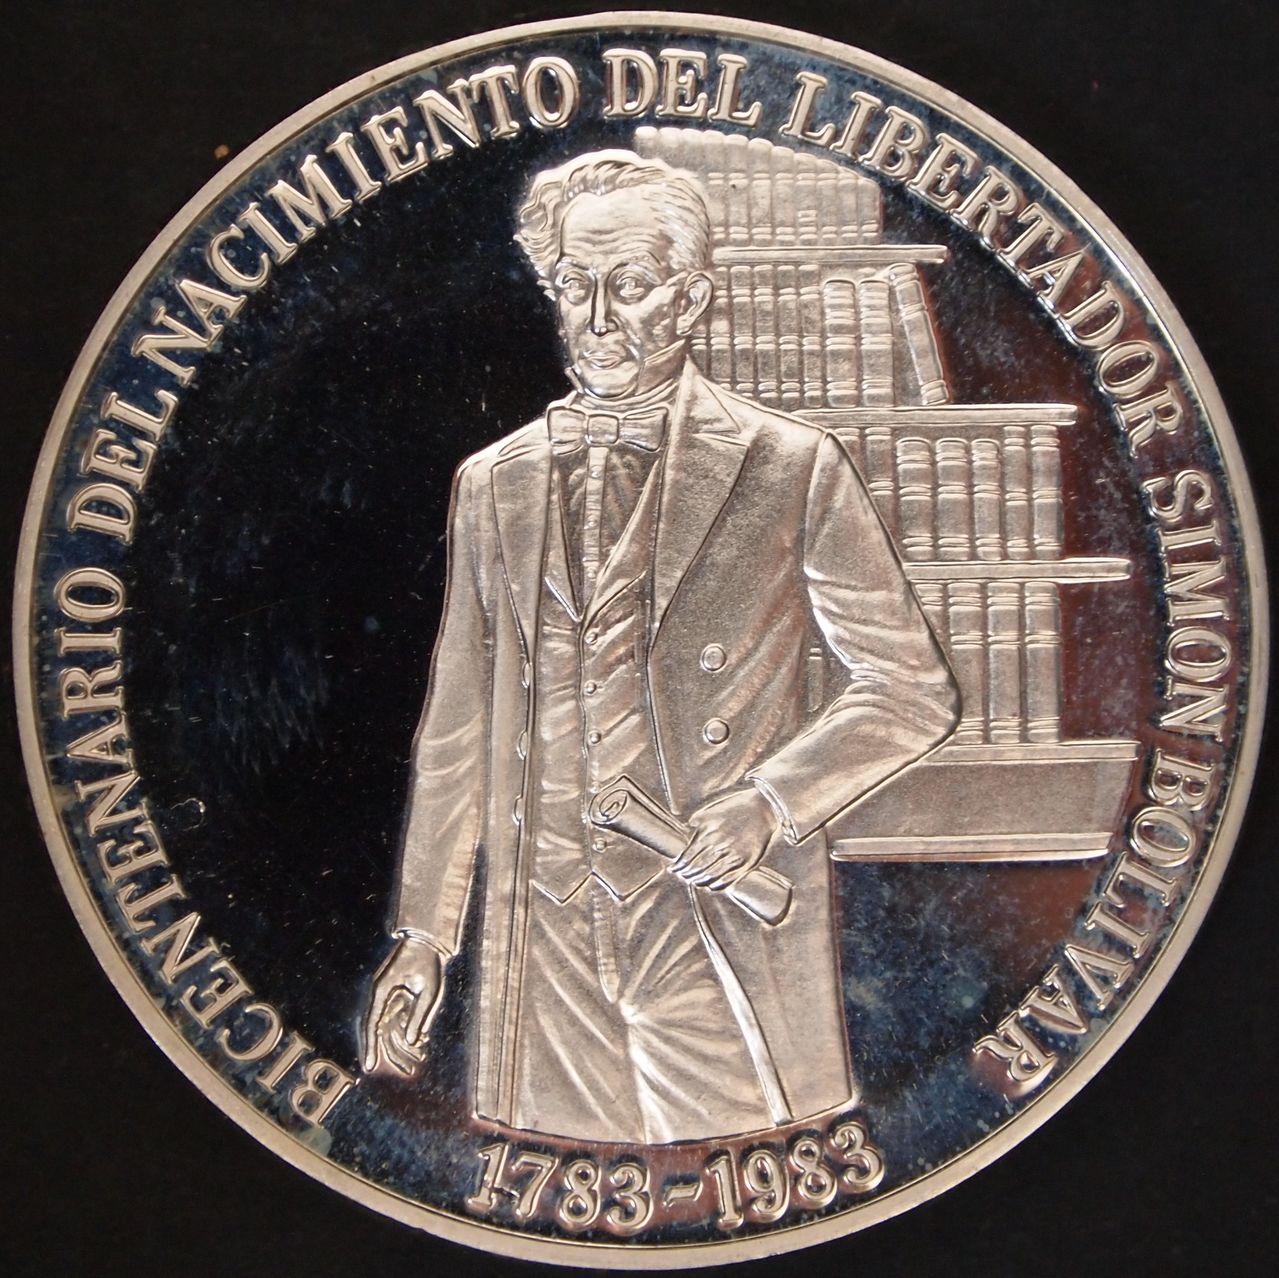 100 bolivares 1983 Venezuela 1